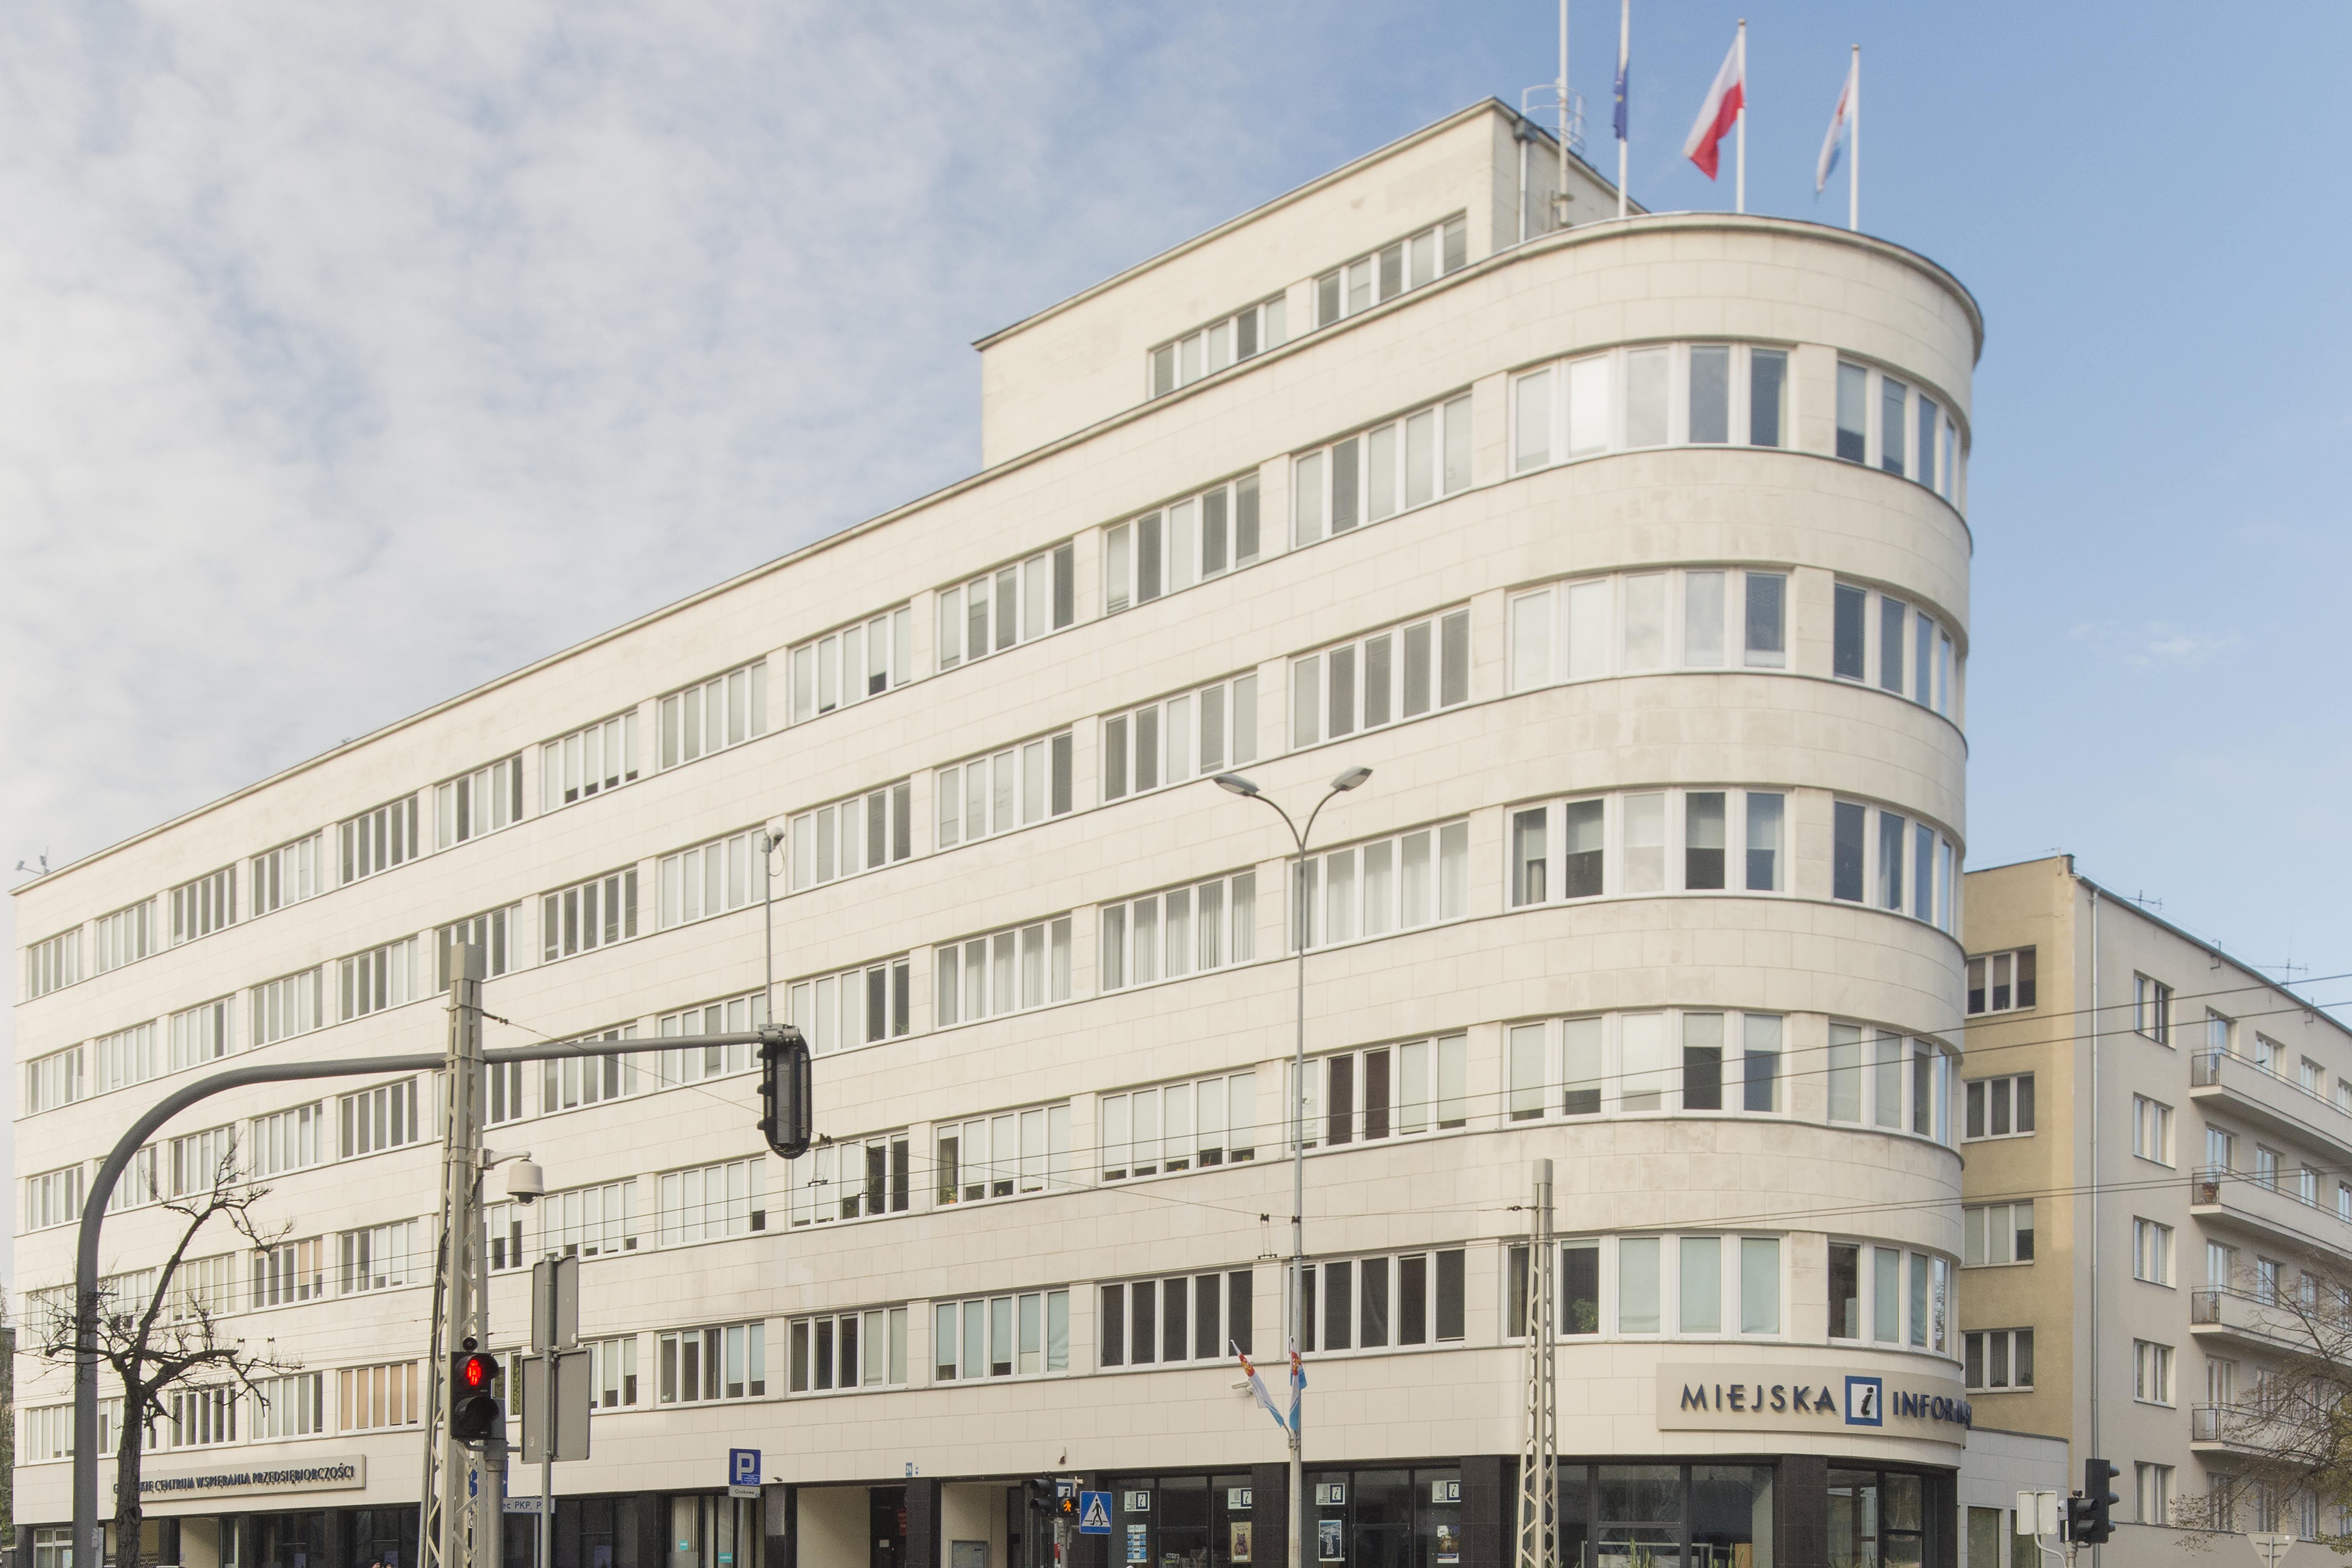 Budynek ZUS z 1935 r.  później PLO, ob. Urząd Miasta Gdyni, ul. 10 Lutego 24, wpis z dn. 05.07.1972 r. nr 618 (492)